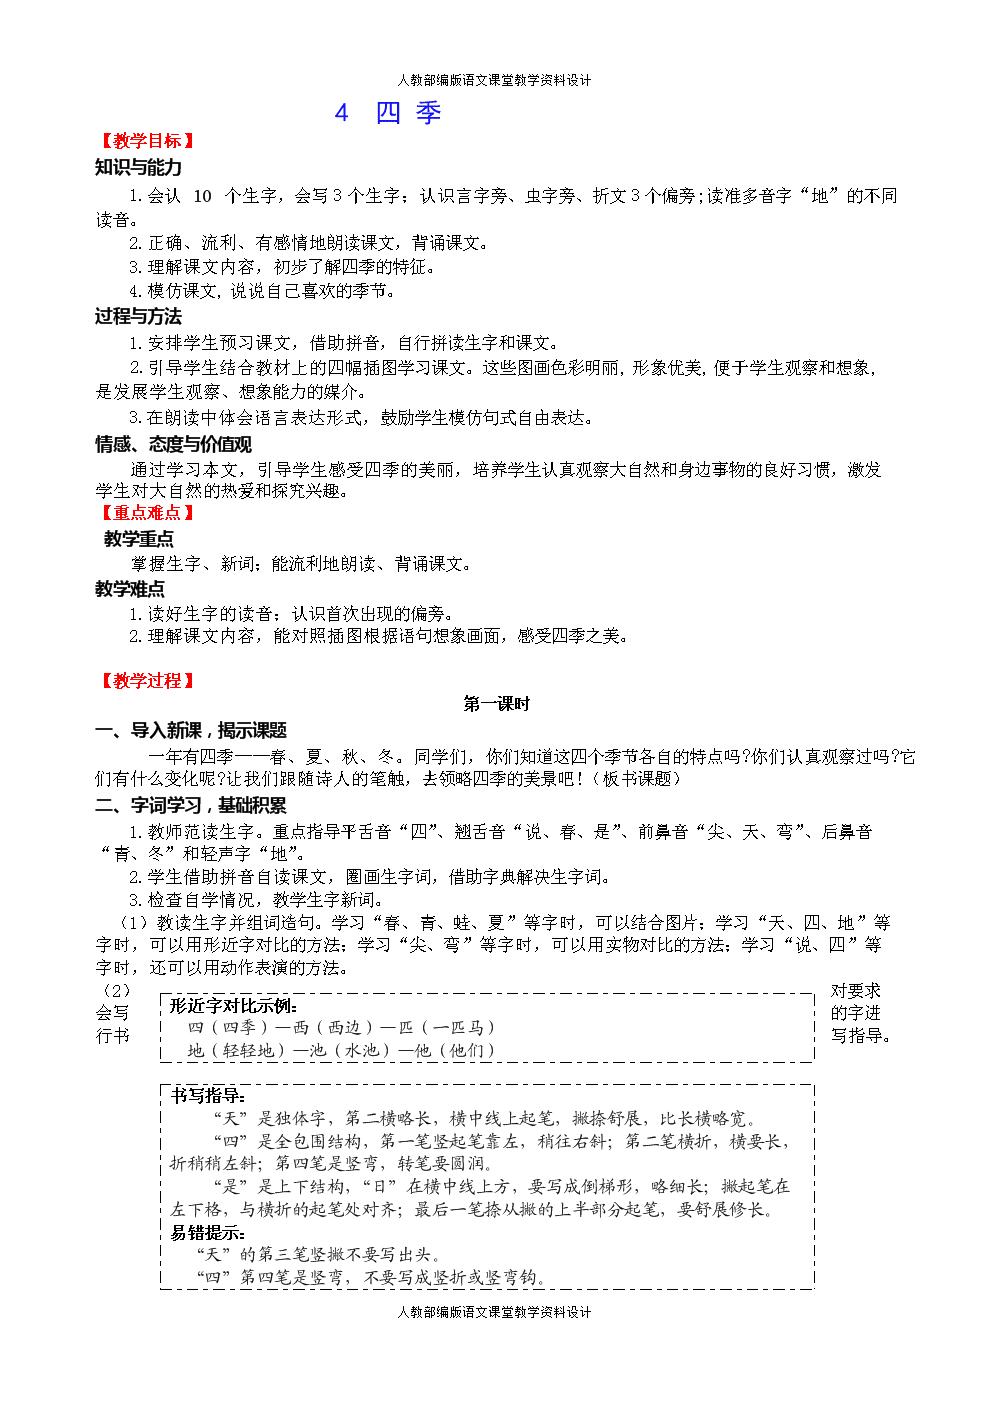 人教部编版小学一年级上册语文同步备课教案-4.四季.doc